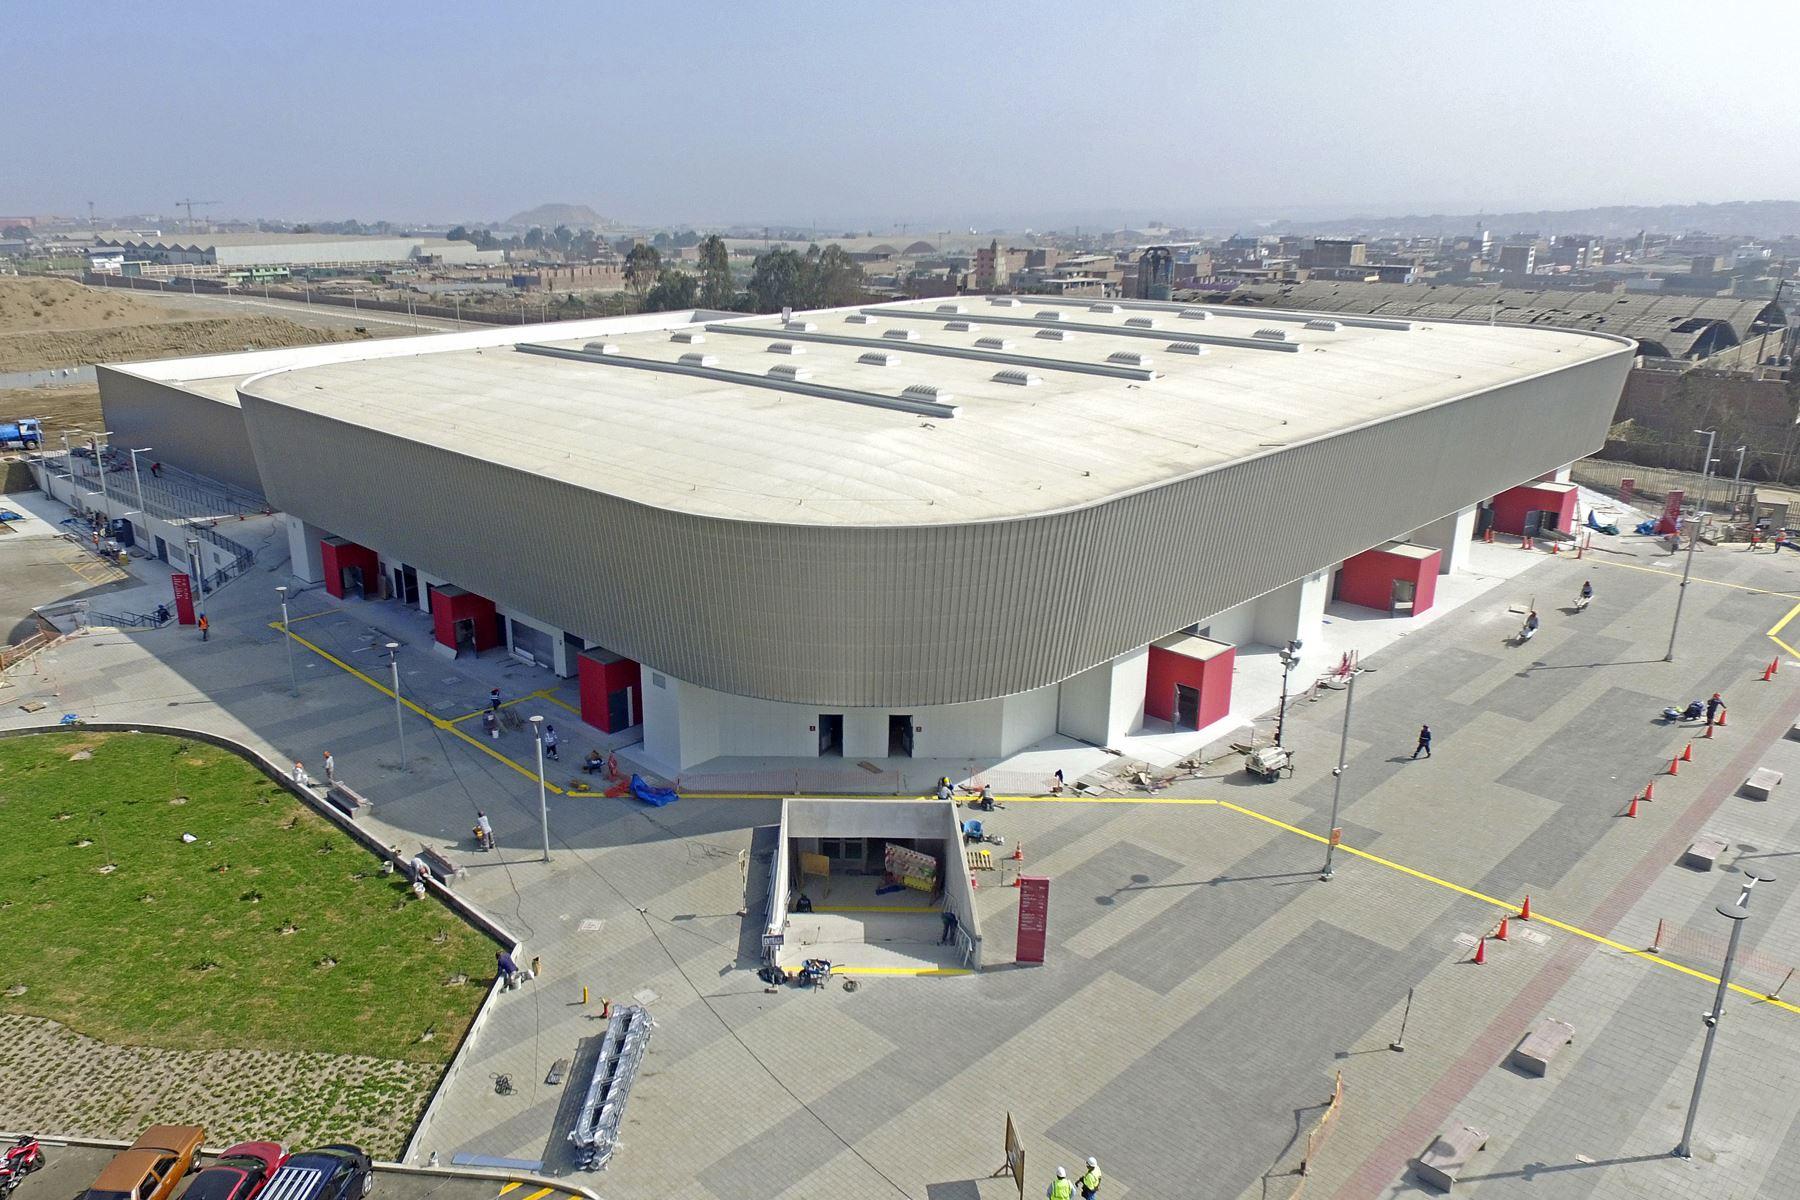 Avance de obras de Lima 2019 en Polideportivo de Villa El Salvador. Foto: Lima 2019